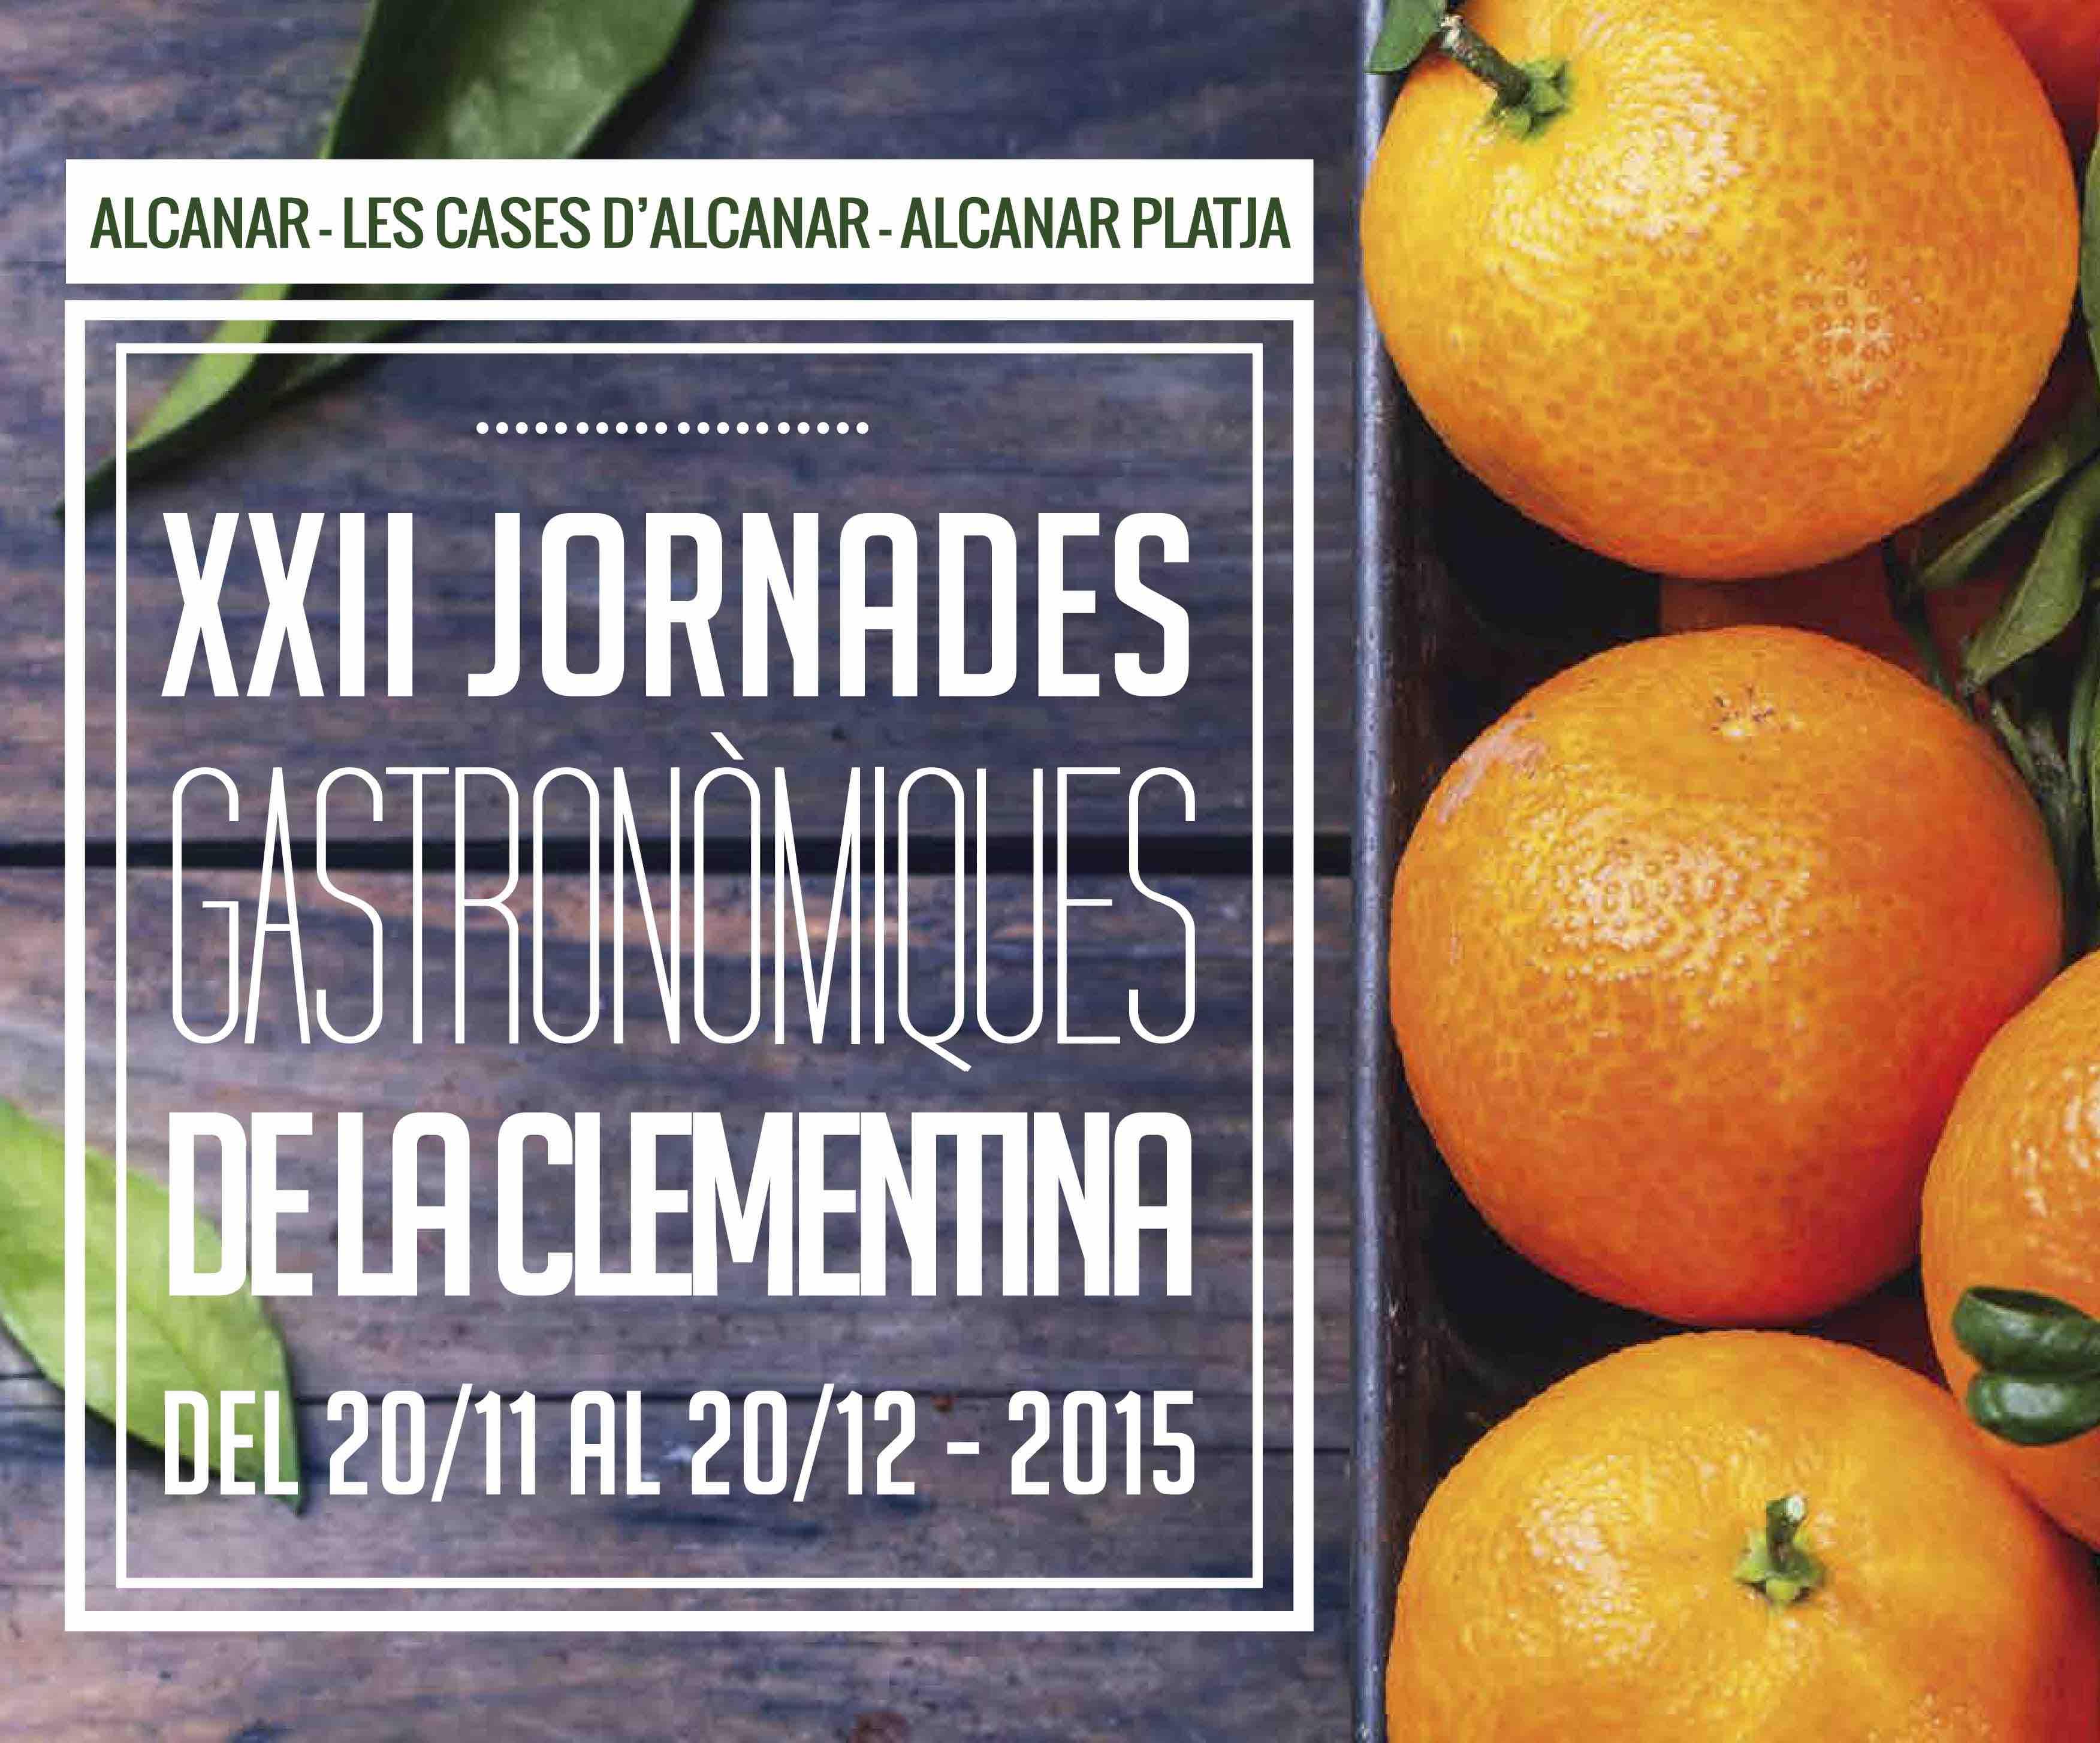 Jornades Gastronomiques Clementina